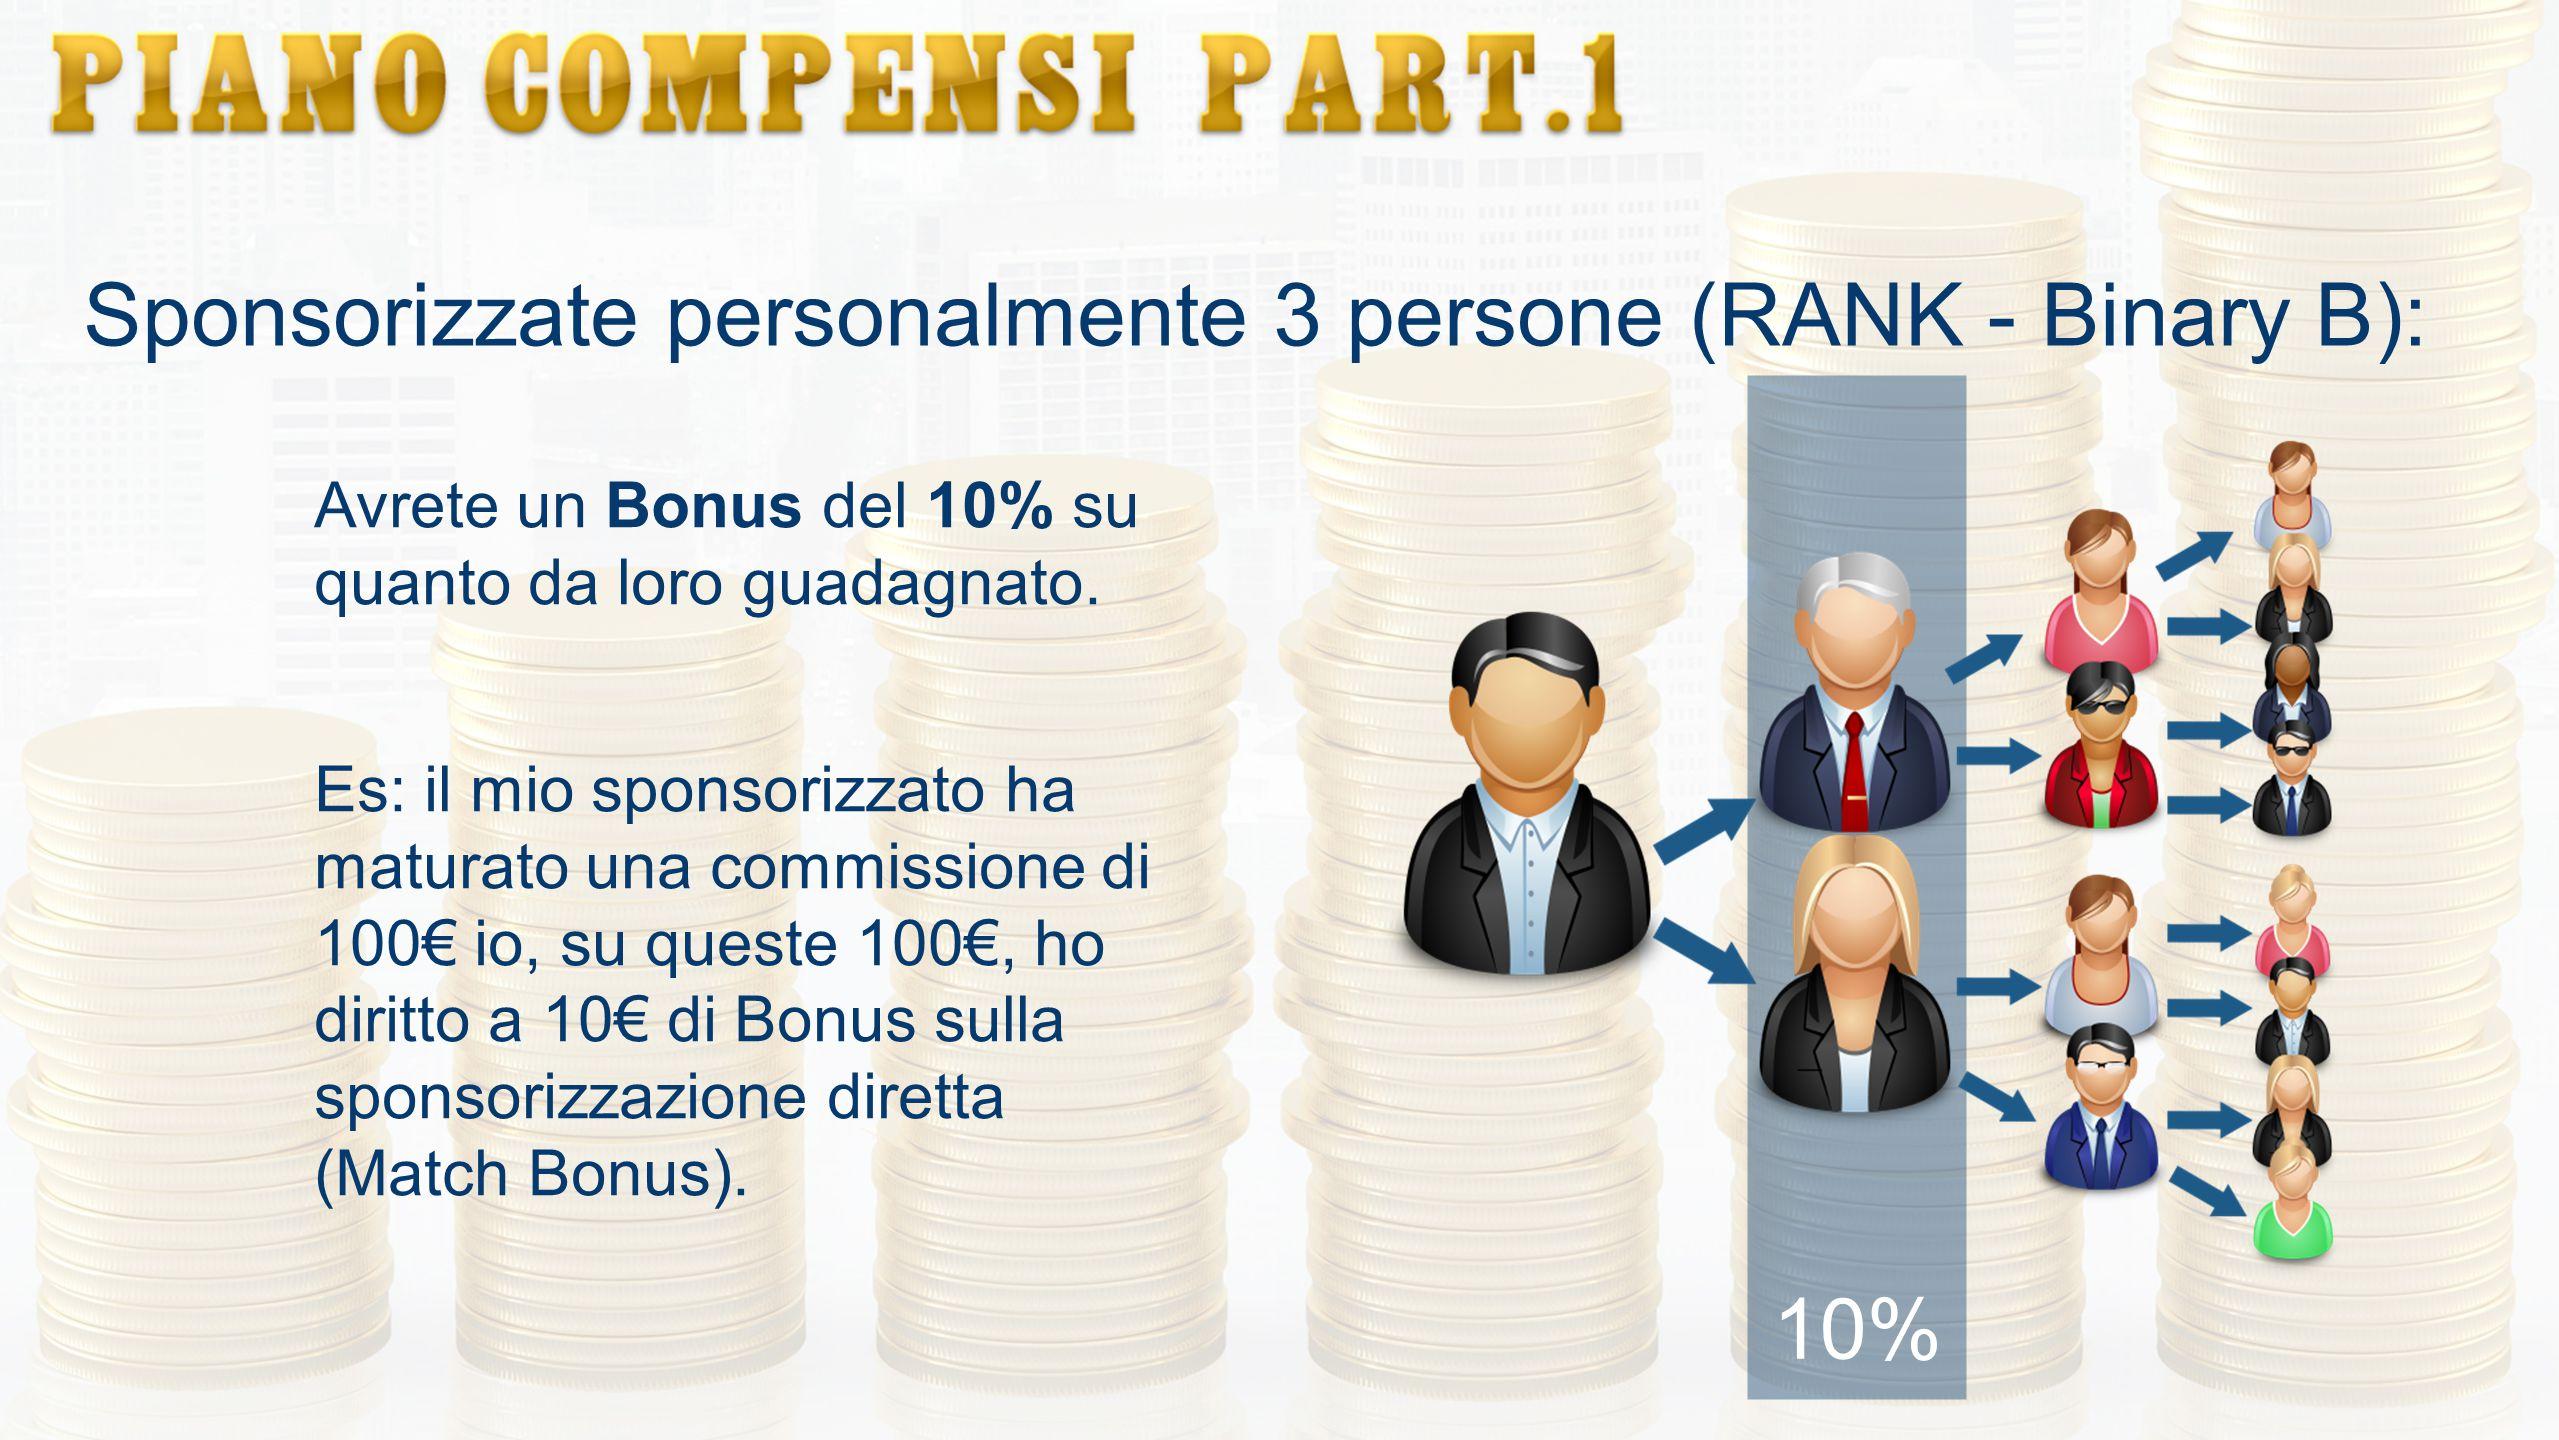 Sponsorizzate personalmente 3 persone (RANK - Binary B): Avrete un Bonus del 10% su quanto da loro guadagnato. Es: il mio sponsorizzato ha maturato un